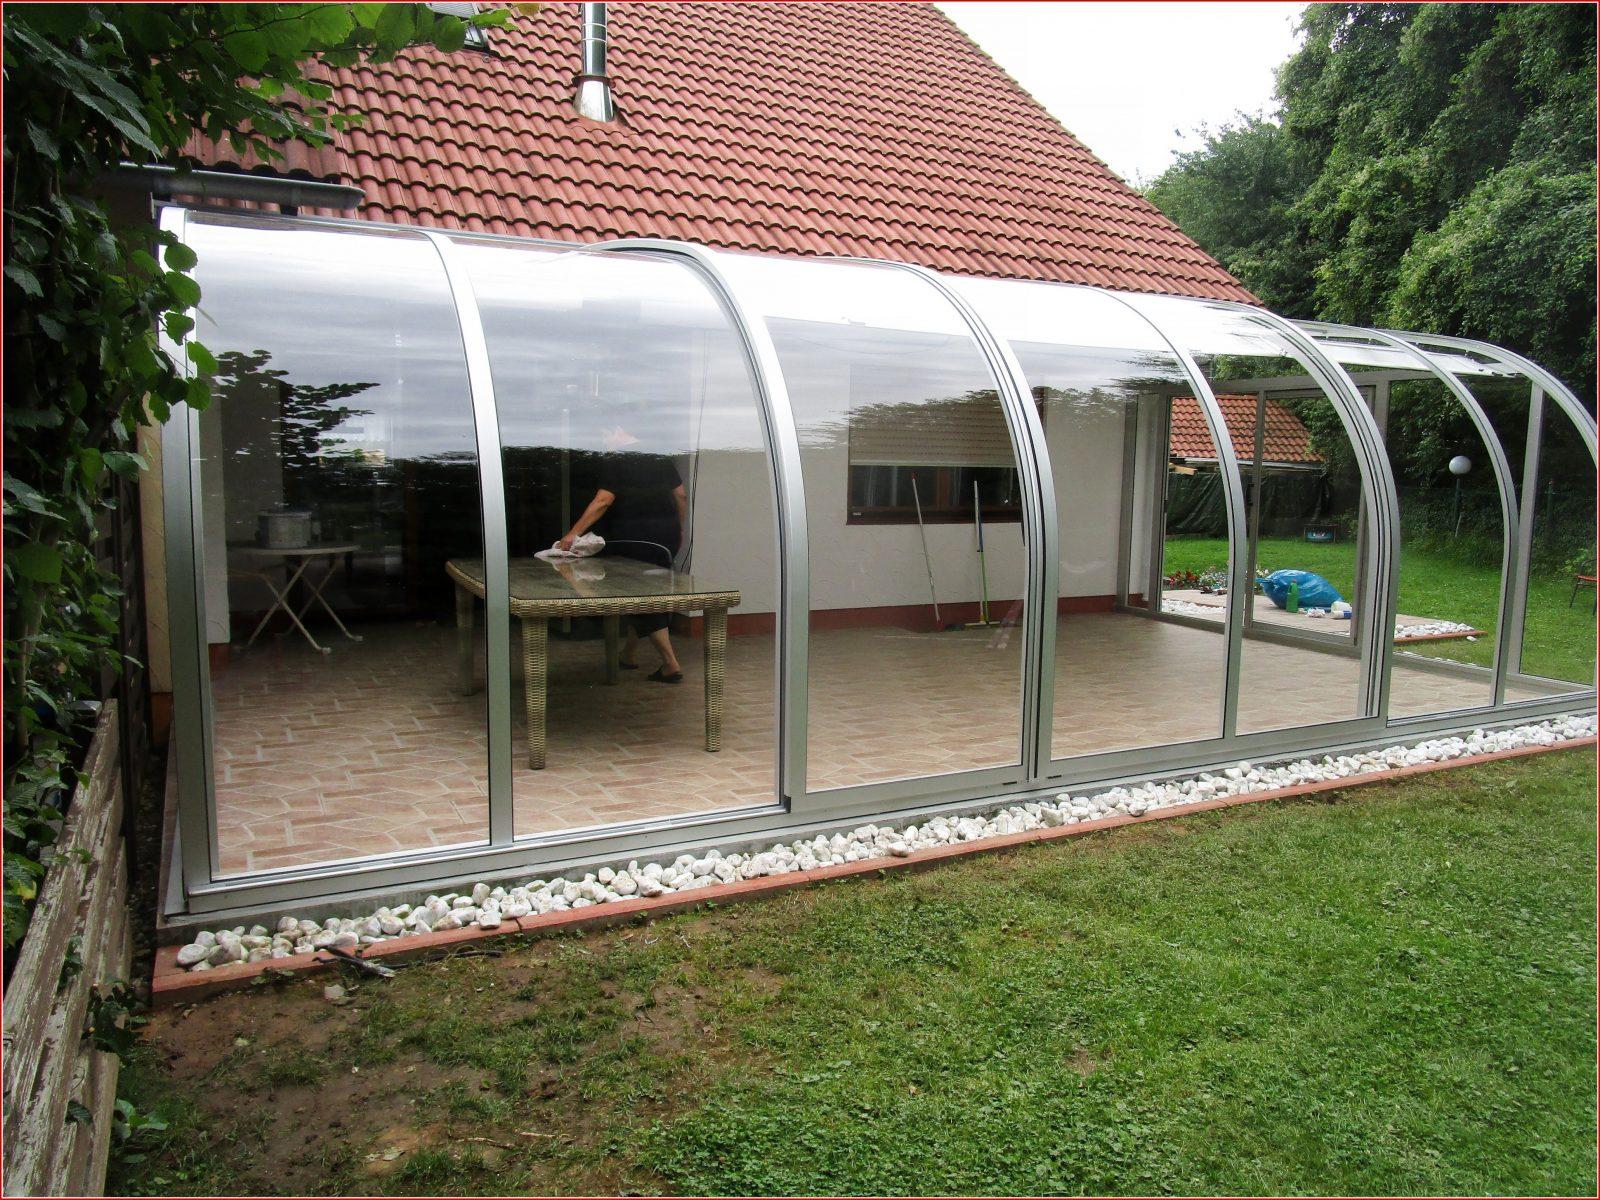 Verlegeprofile Für Vsg Glas – Wohn Design Für Ideen von Verlegeprofile Für Vsg Glas Bild